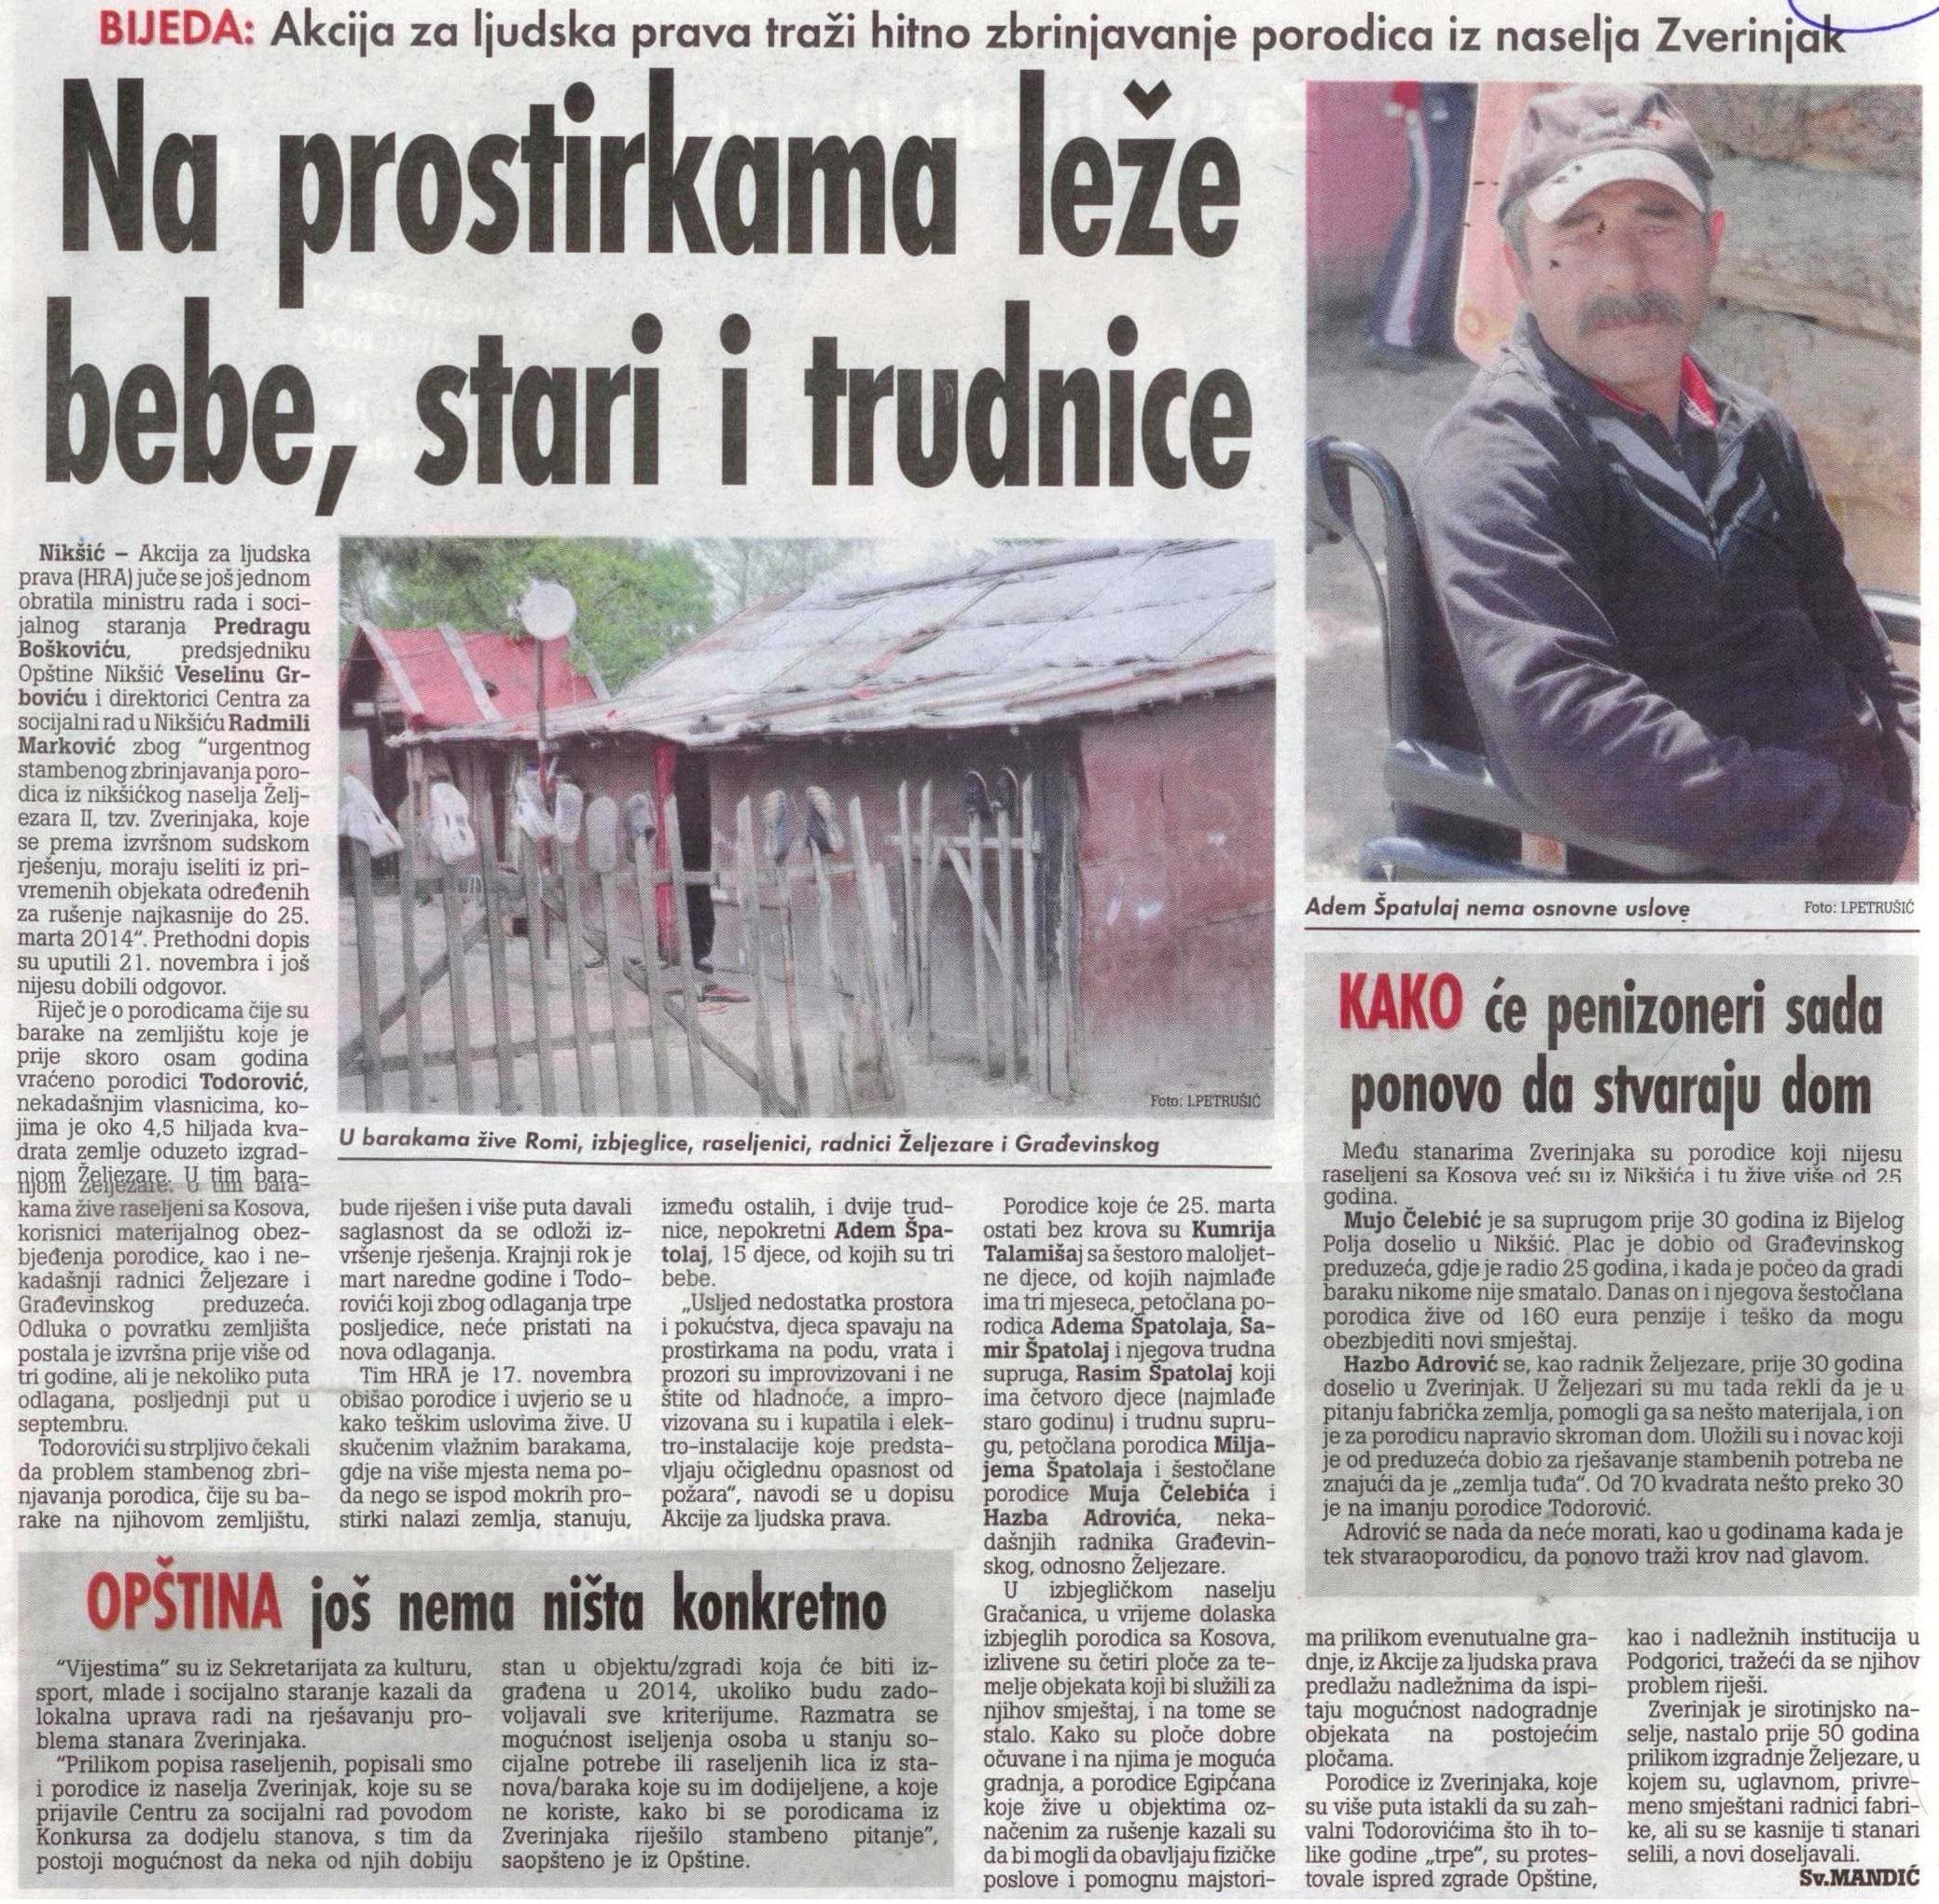 vijesti 11.12.2013 yverinjaqk